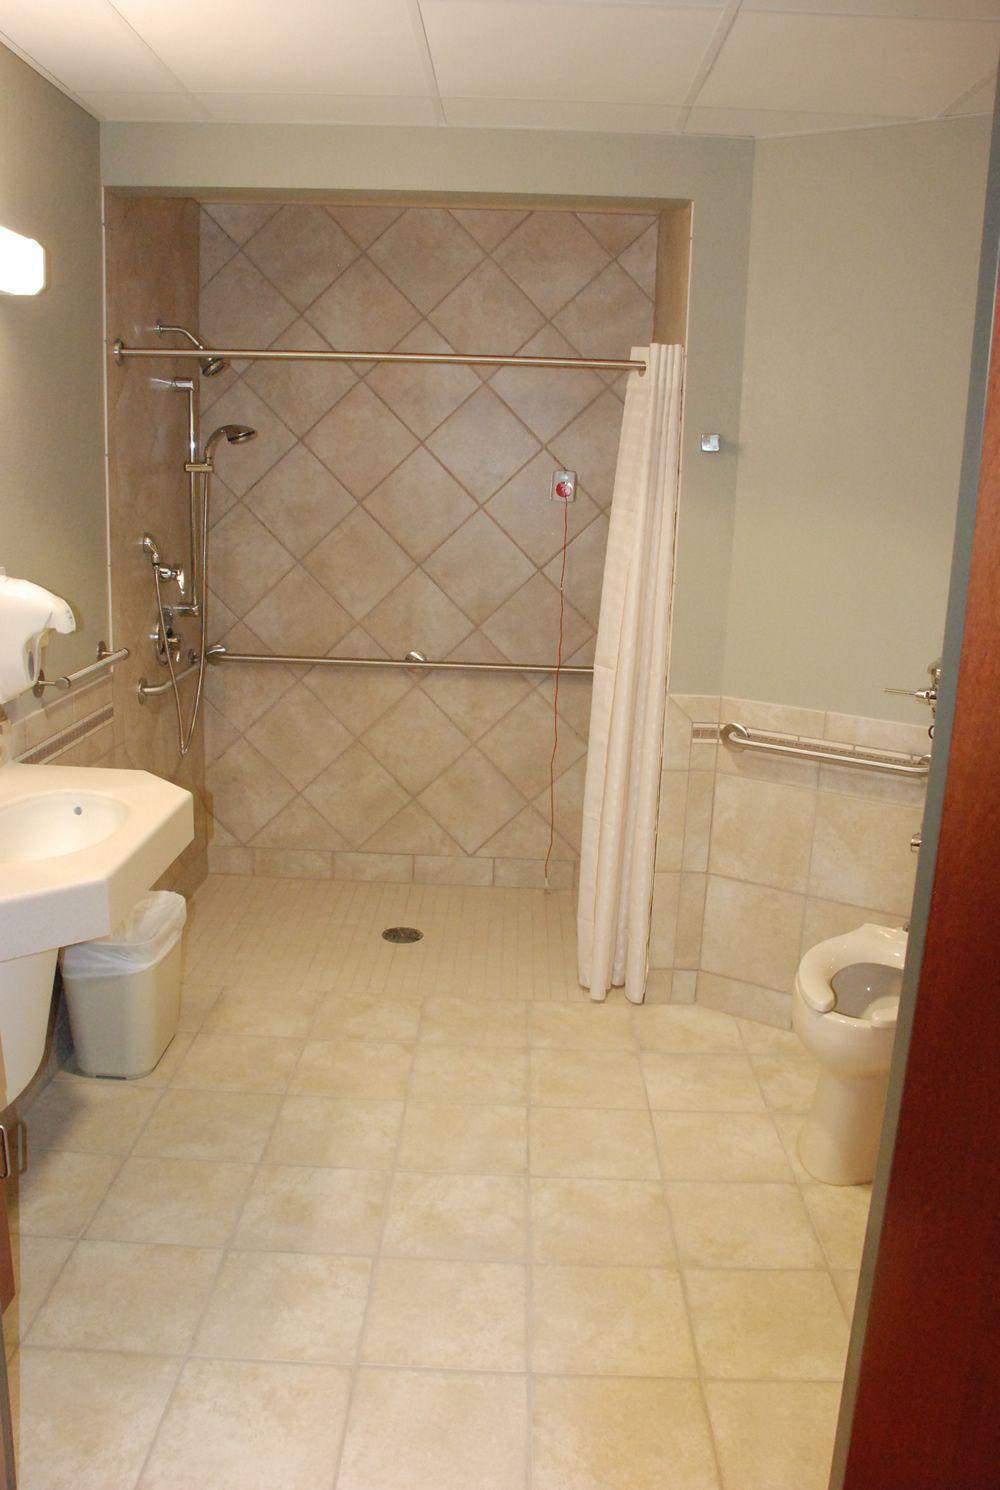 Zero Entry Shower Accessible Bathroom Accessible Bathroom